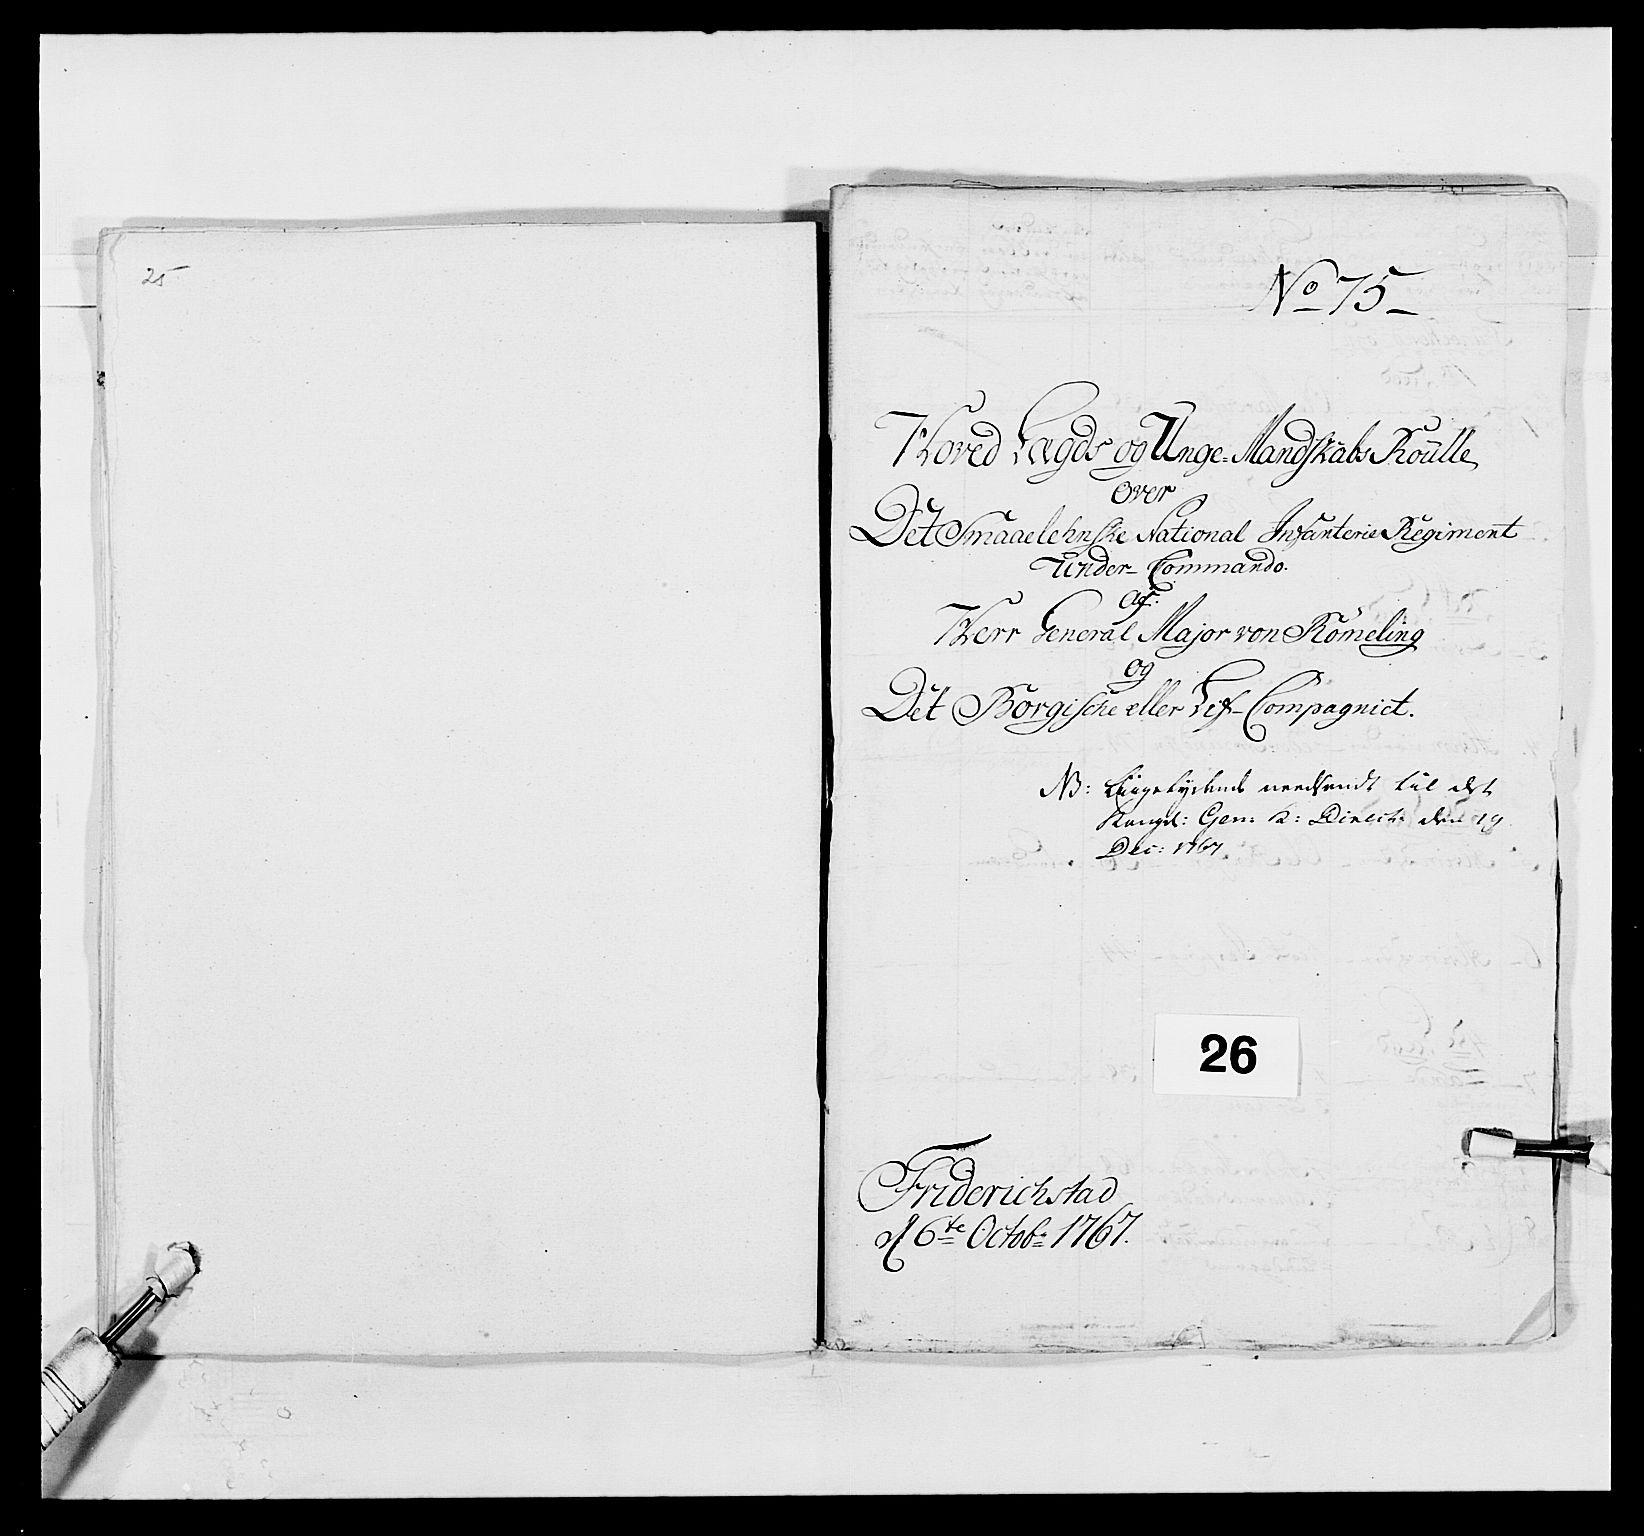 RA, Kommanderende general (KG I) med Det norske krigsdirektorium, E/Ea/L0496: 1. Smålenske regiment, 1765-1767, s. 481